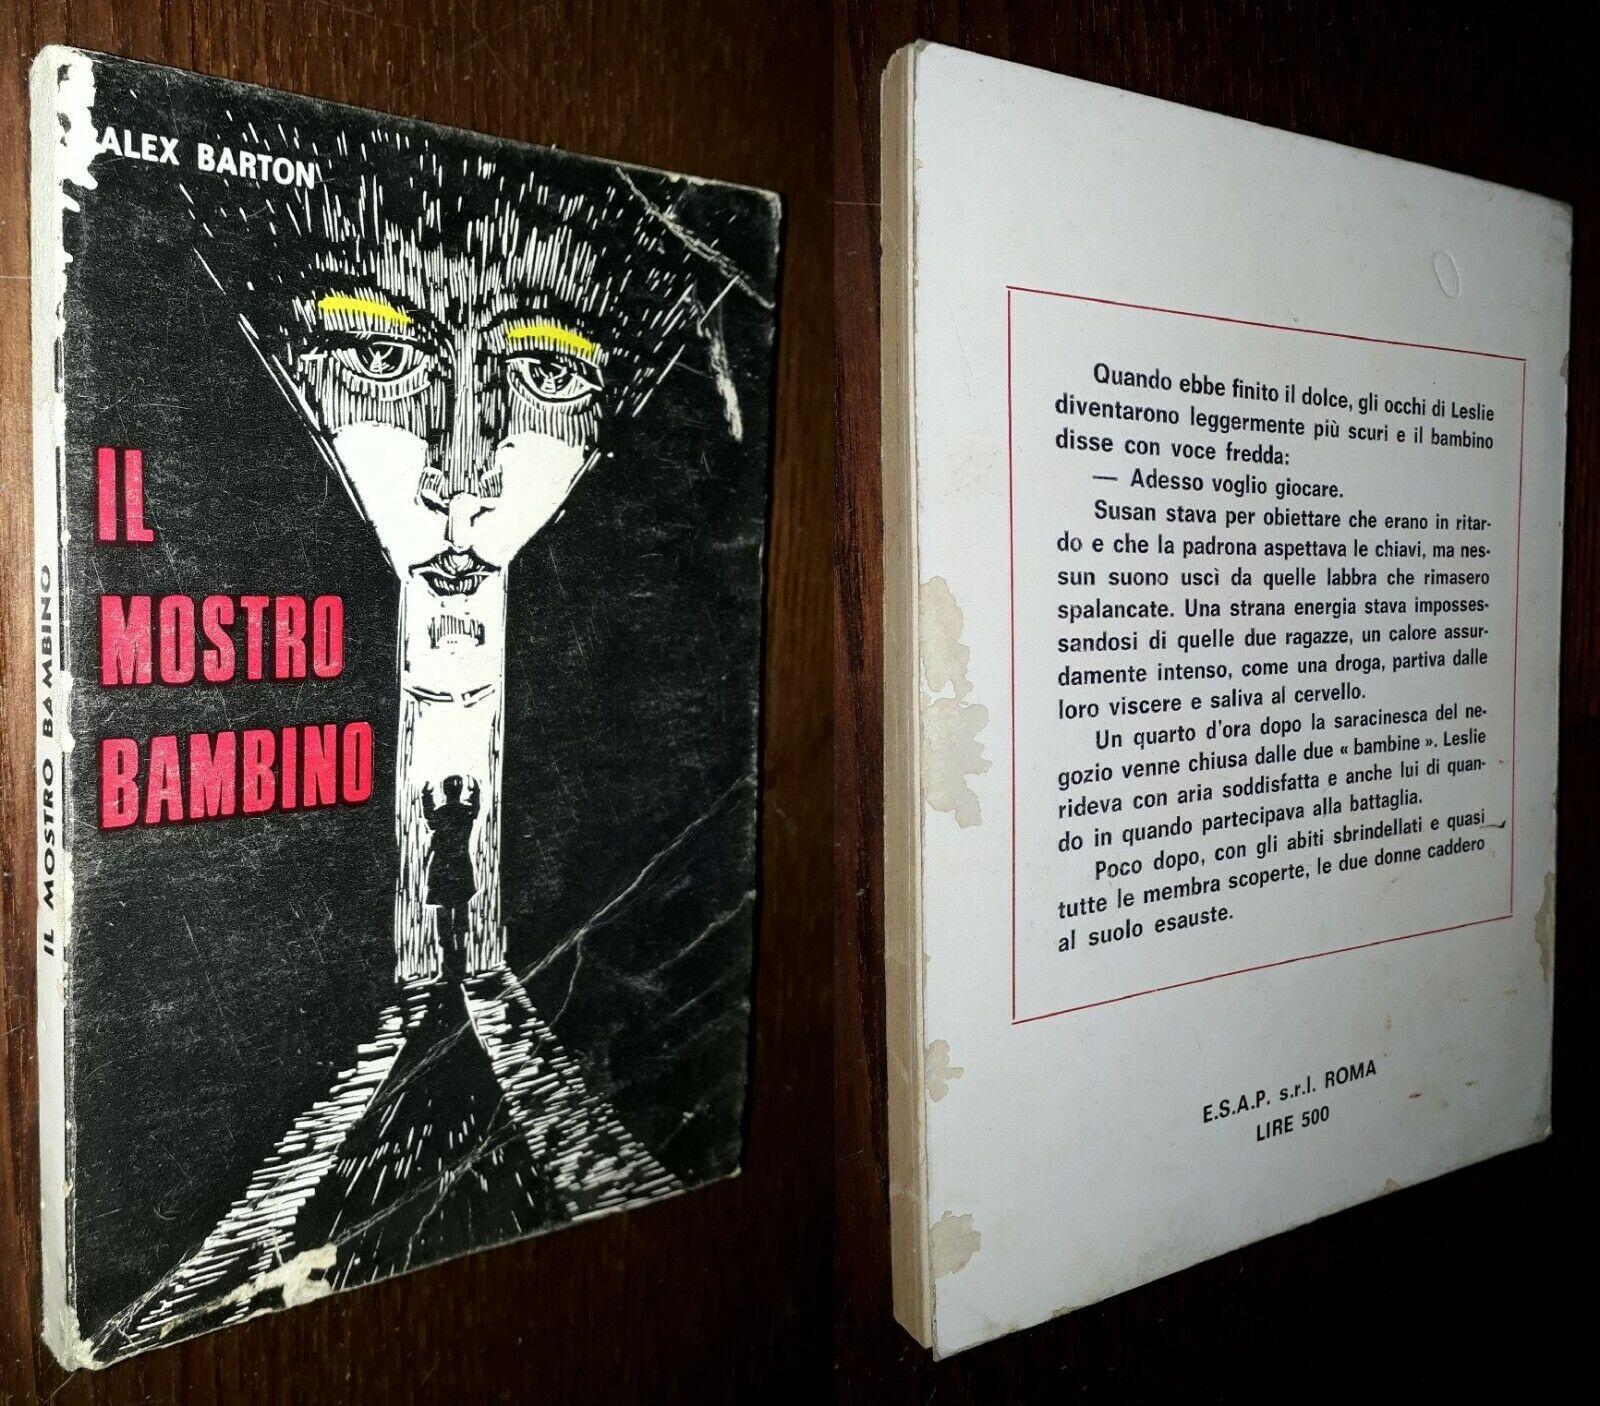 """""""Il mostro bambino"""" di Alex Barton (ESAP, 1970): uno sconosciuto racconto horror/fantastico"""